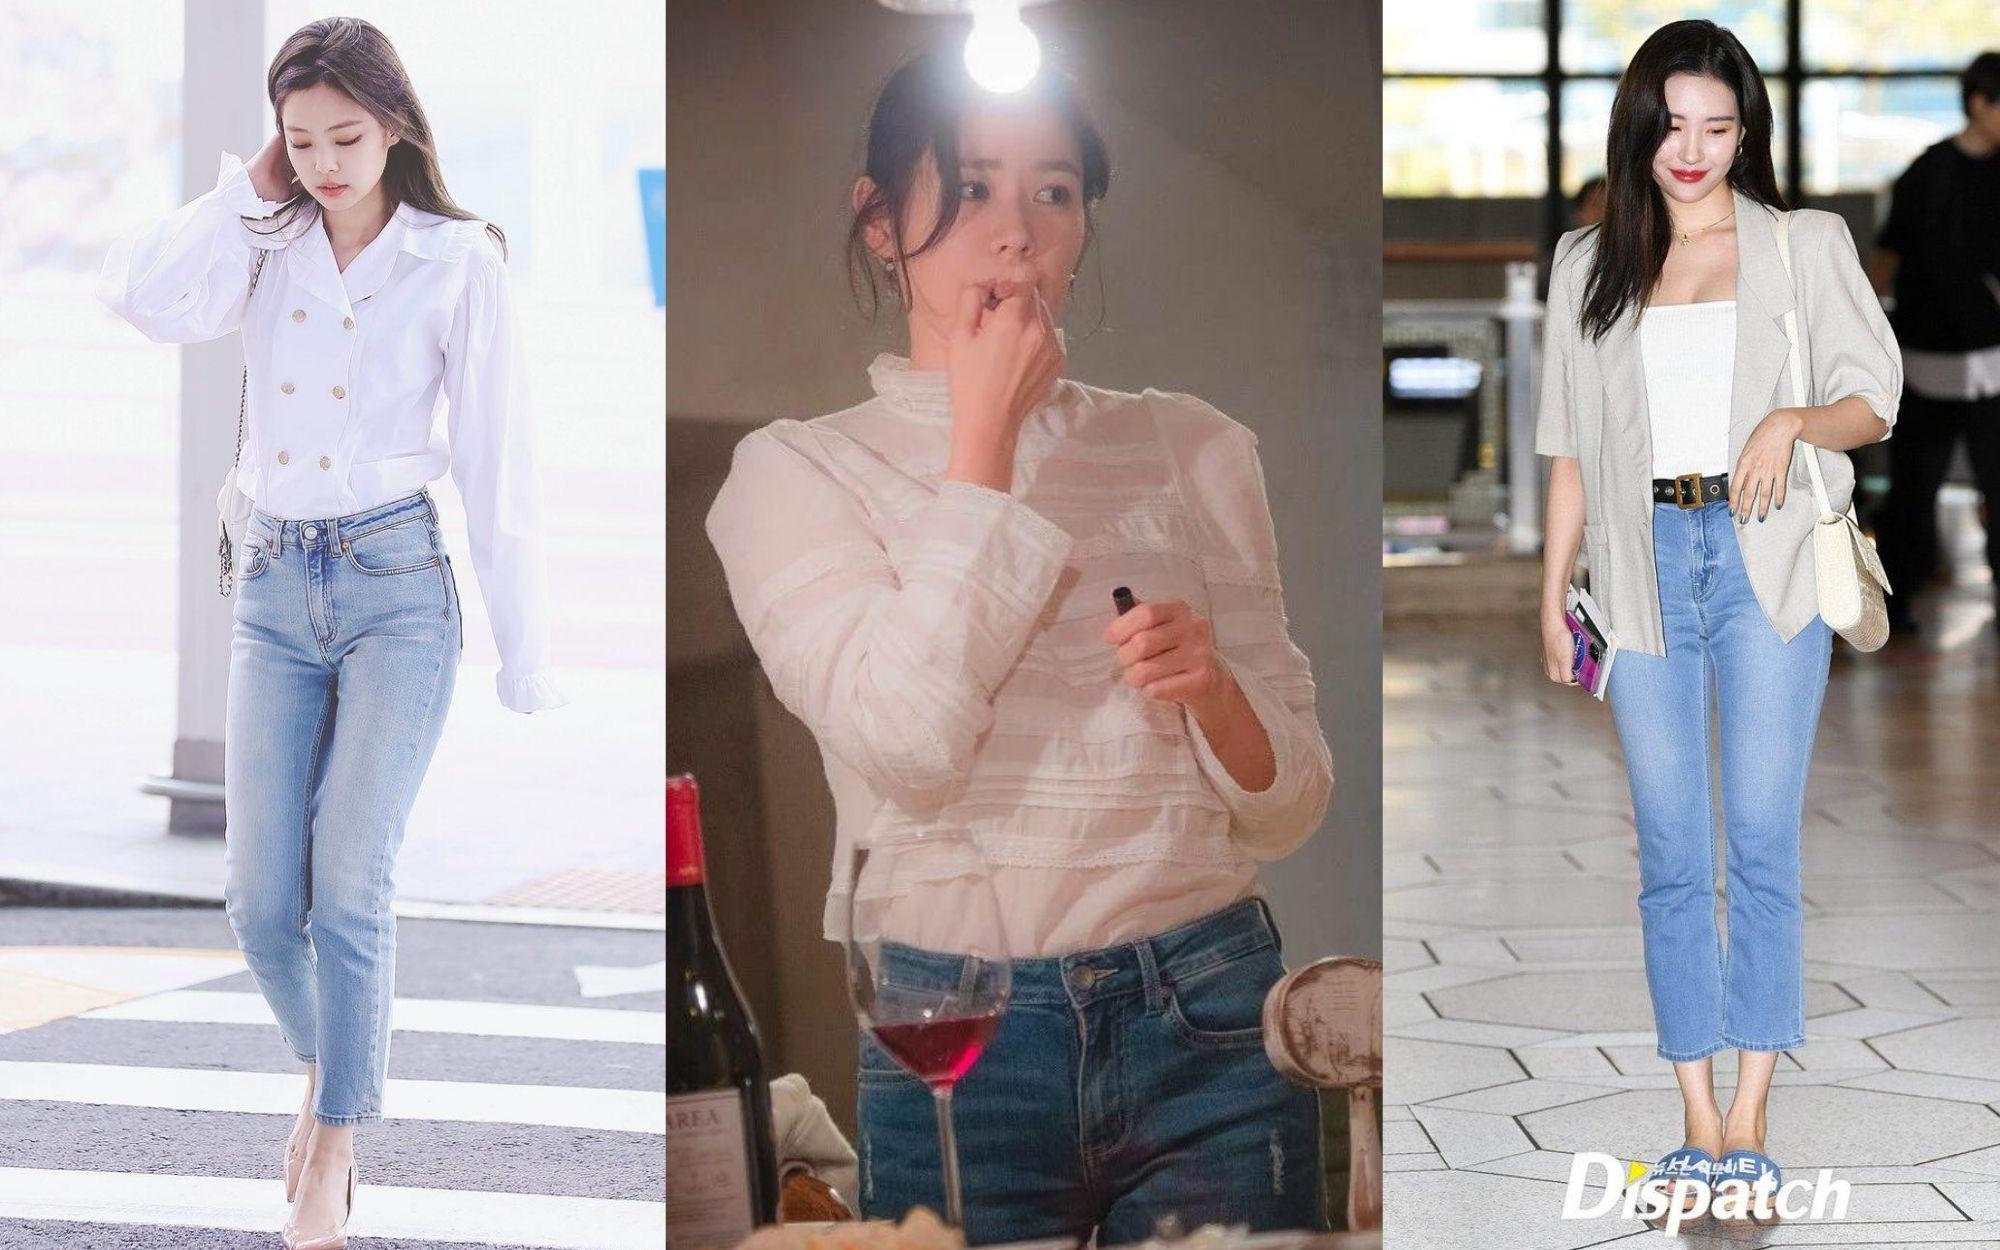 Bạn sẽ không biết mặc quần skinny jeans xấu là gì nếu học 14 set đồ xịn đẹp sau đây của sao Hàn